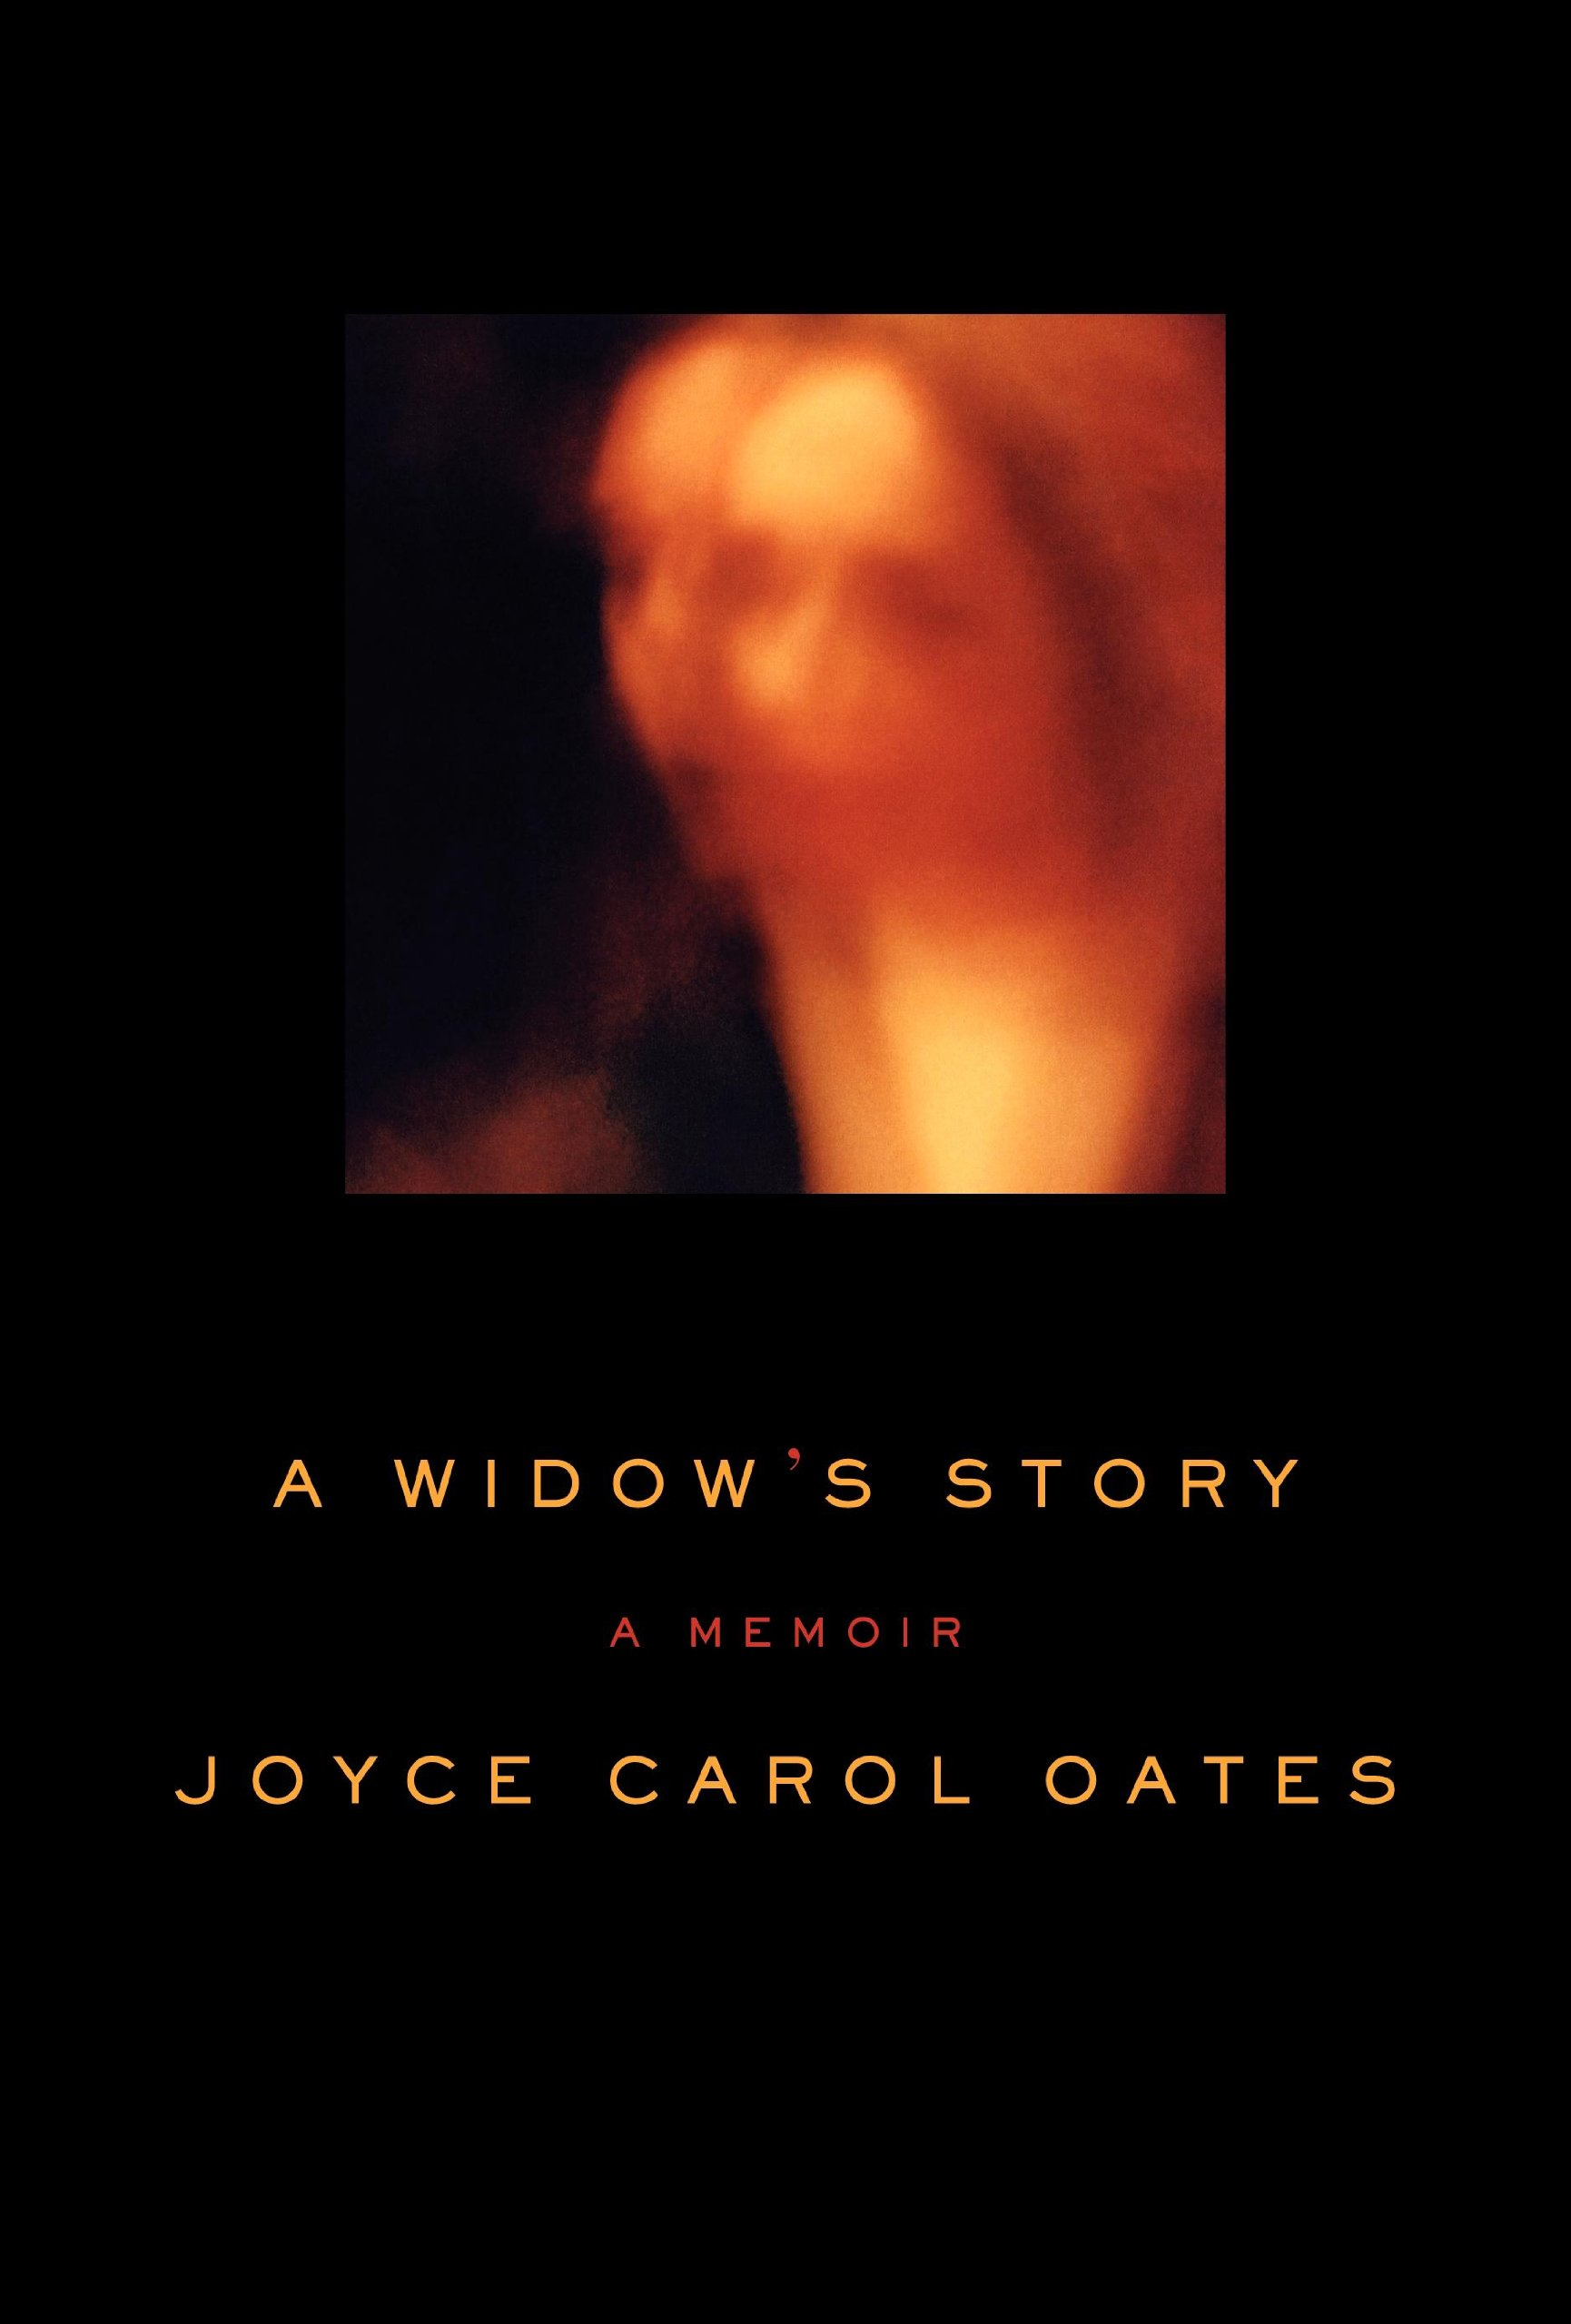 A Widow's Story: A Memoir (Thorndike Press Large Print Biography Series) PDF